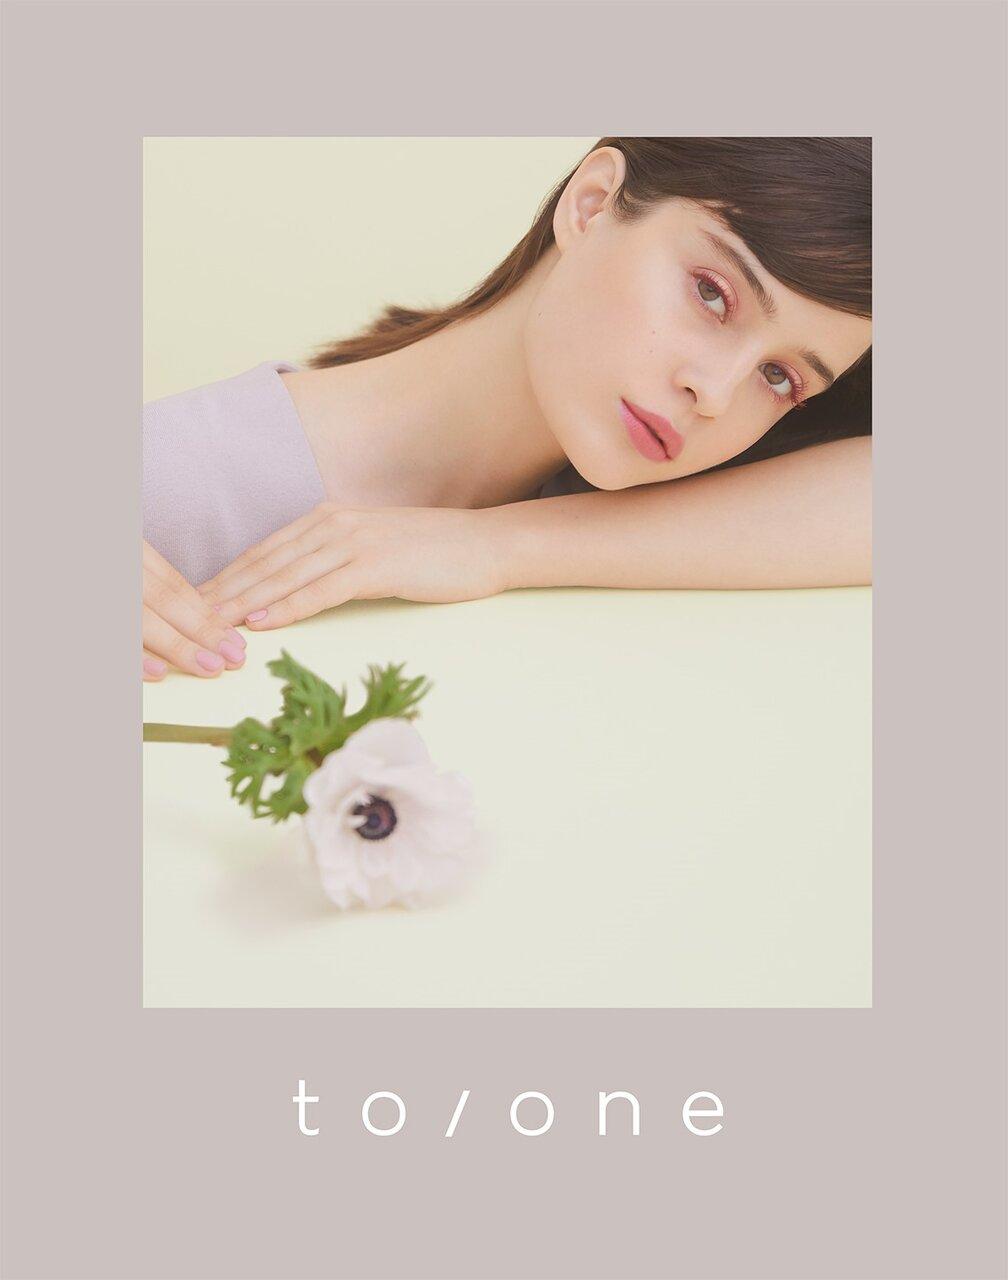 to/one(トーン) 2021春メイクアップコレクション/新作コスメ「トーン ロング ラッシュ マスカラ(SL) 」「トーン ペタル アイシャドウ」「トーン リキッドアイライナー」